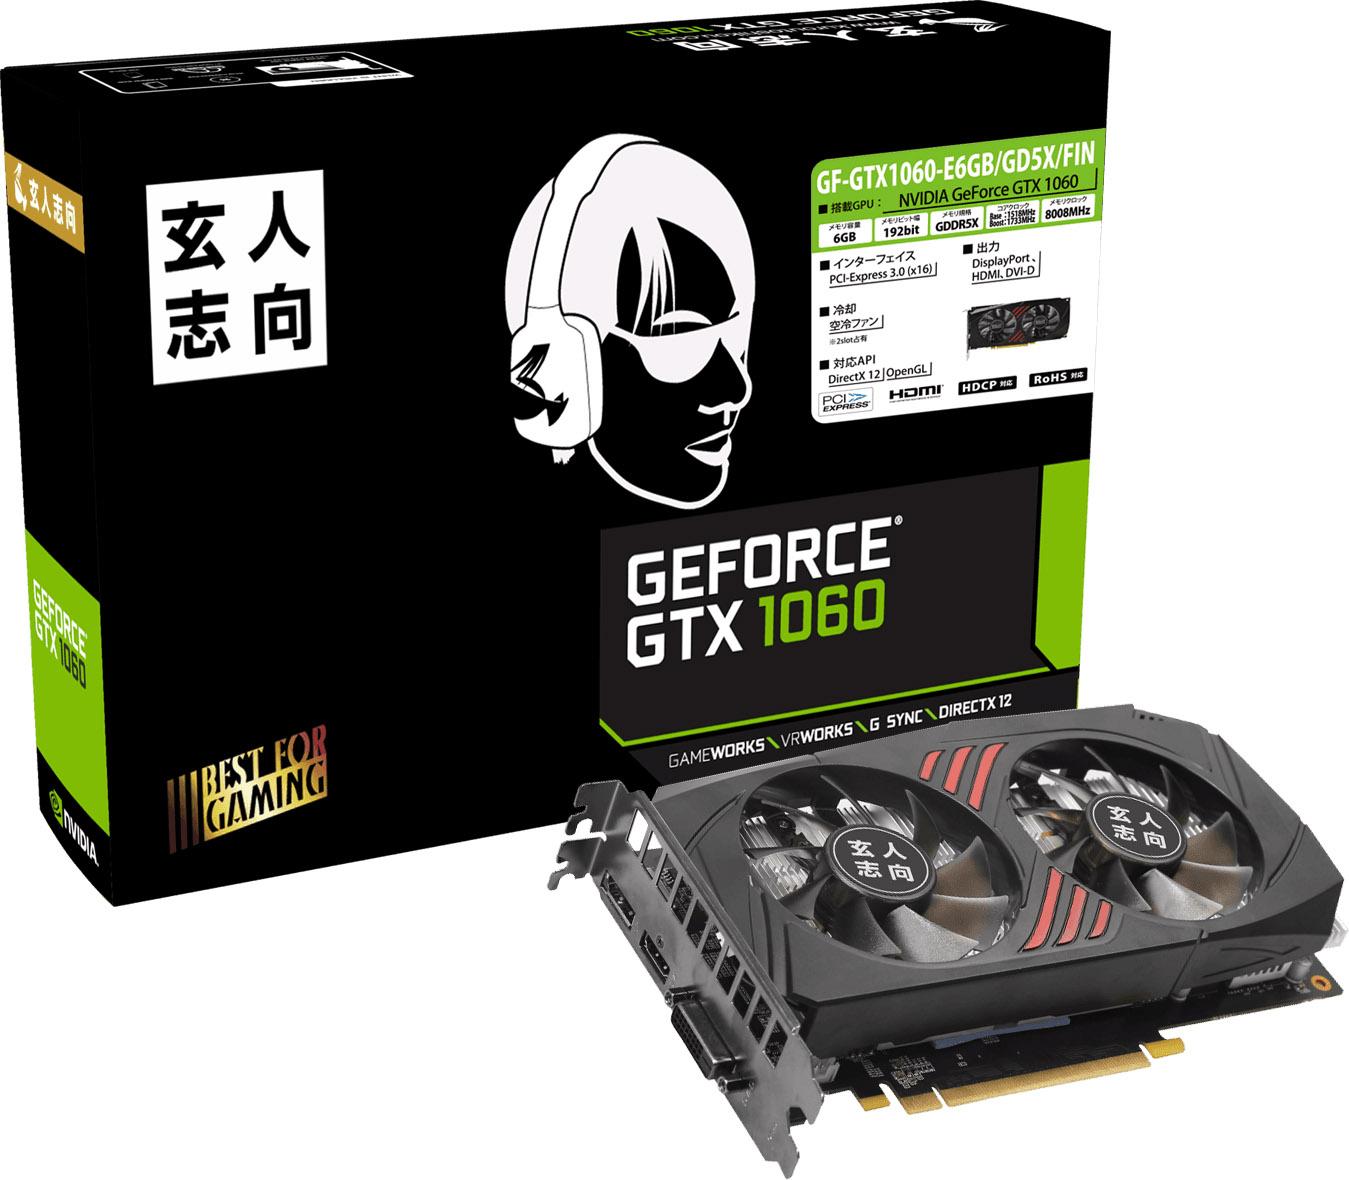 玄人志向、NVIDIA GeForce GTX 1060のオーバークロック&GDDR5X